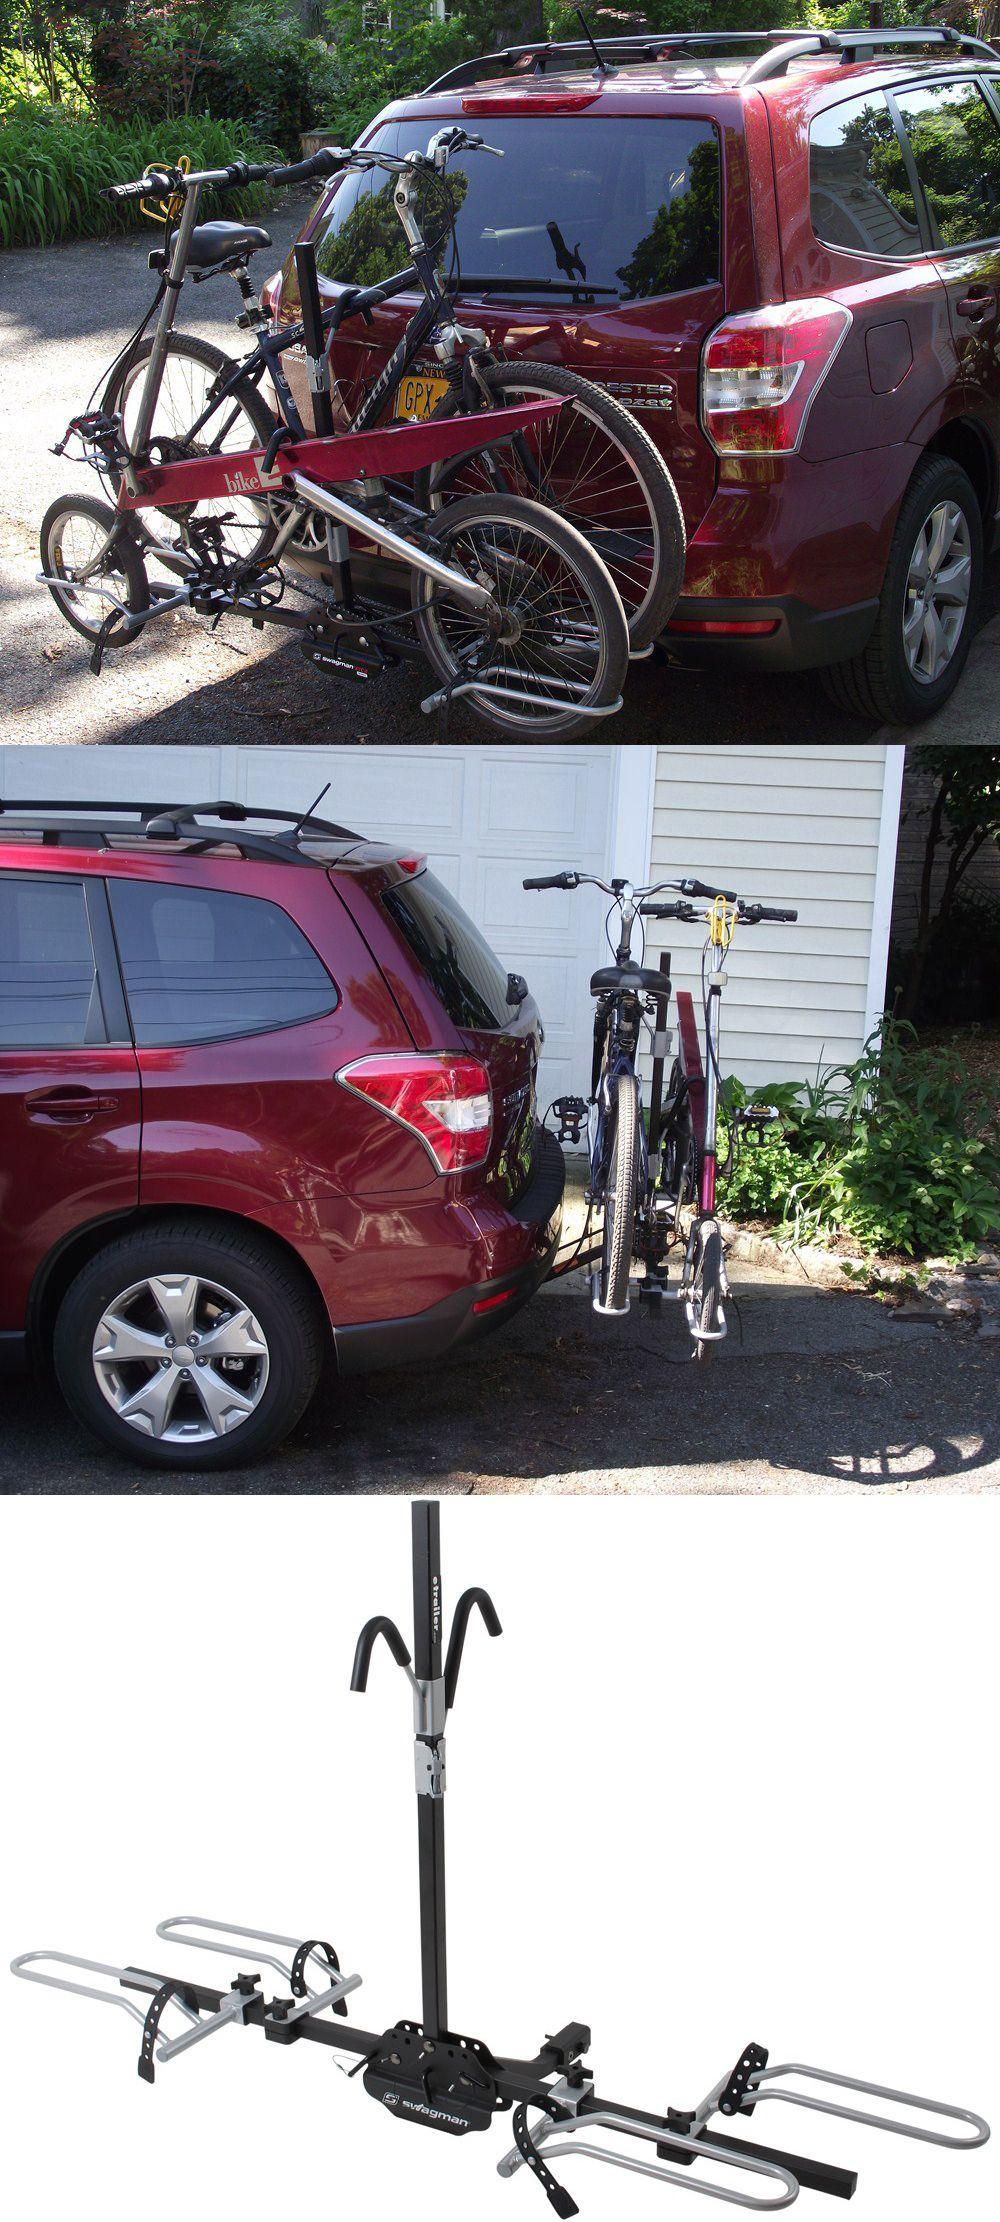 Swagman Xtc2 Bike Rack For 2 Bikes 1 1 4 And 2 Hitches Frame Mount Swagman Hitch Bike Racks S6 Hitch Bike Rack Bike Rack Bike